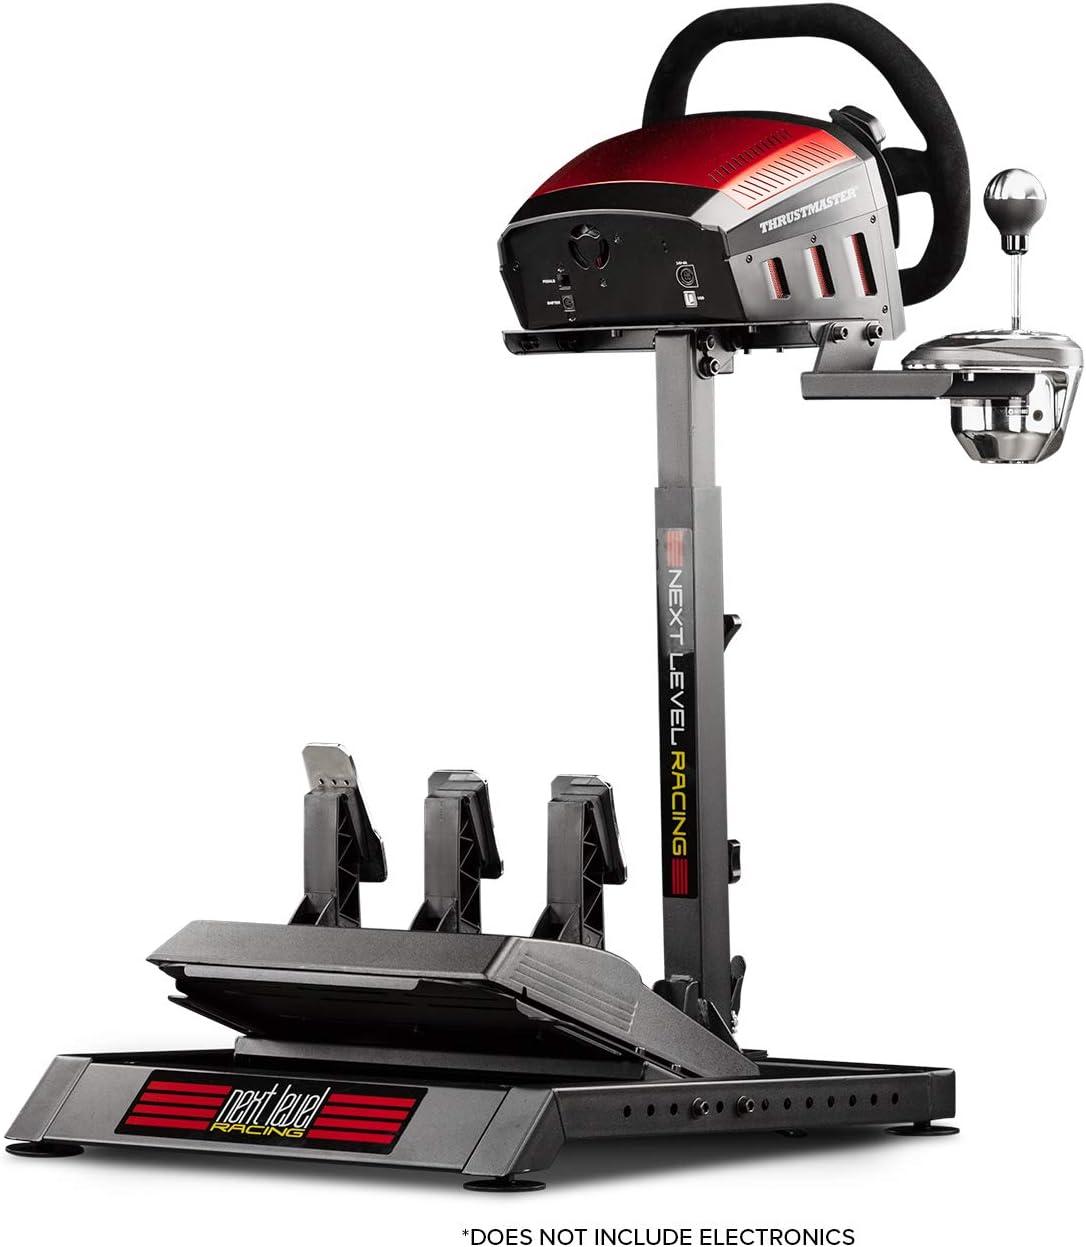 Next Level Racing NLR-S007 Accesorio de Controlador de Juego - Accesorios de Controlador de Juego (Negro, Metal, 480 mm, 600 mm, 750 mm, 120 cm)